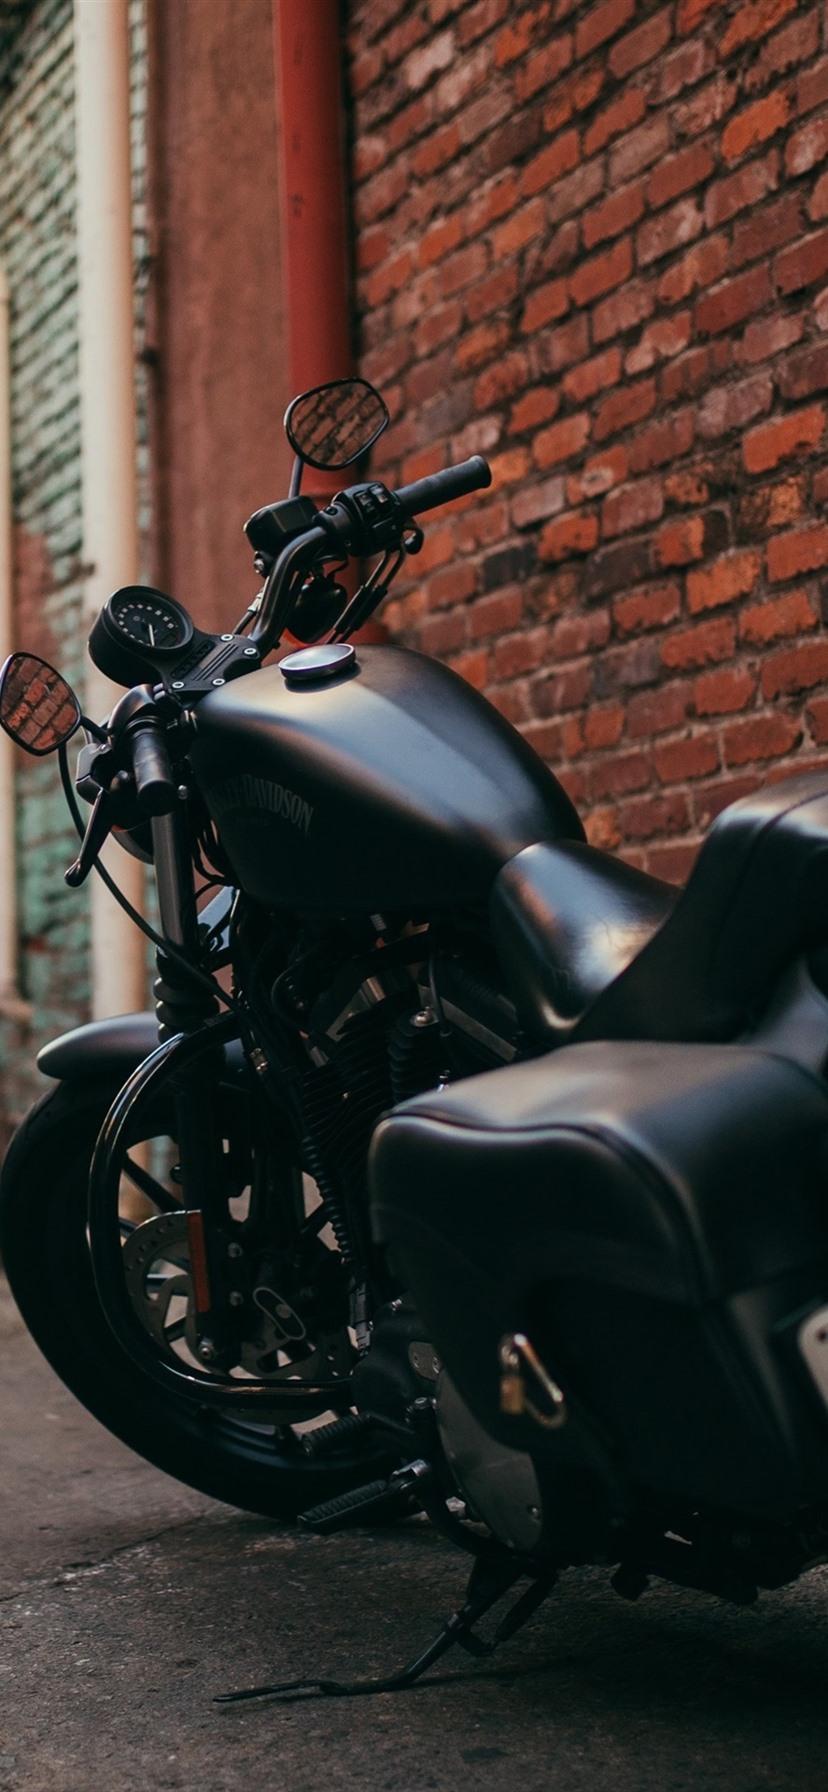 ハーレーダビッドソンブラックオートバイバックビュー パス 1080x19 Iphone 8 7 6 6s Plus 壁紙 背景 画像